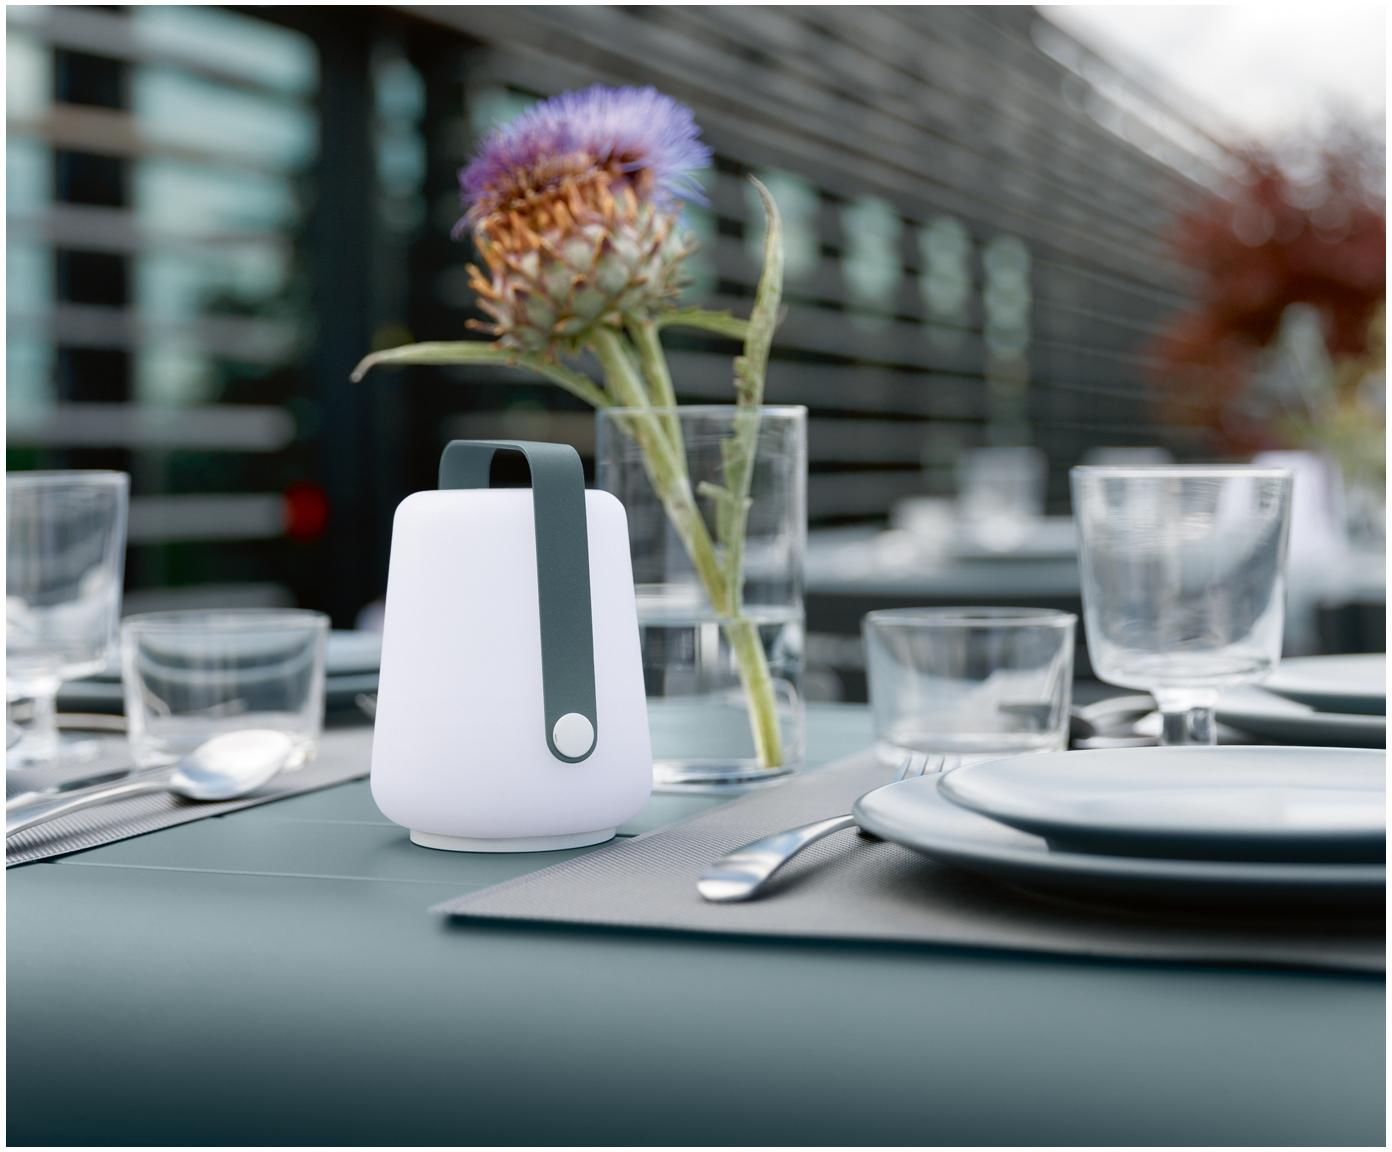 Zewnętrzna mobilna lampa LED Balad, 3 szt., Szary burzowy, Ø 10 x W 13 cm